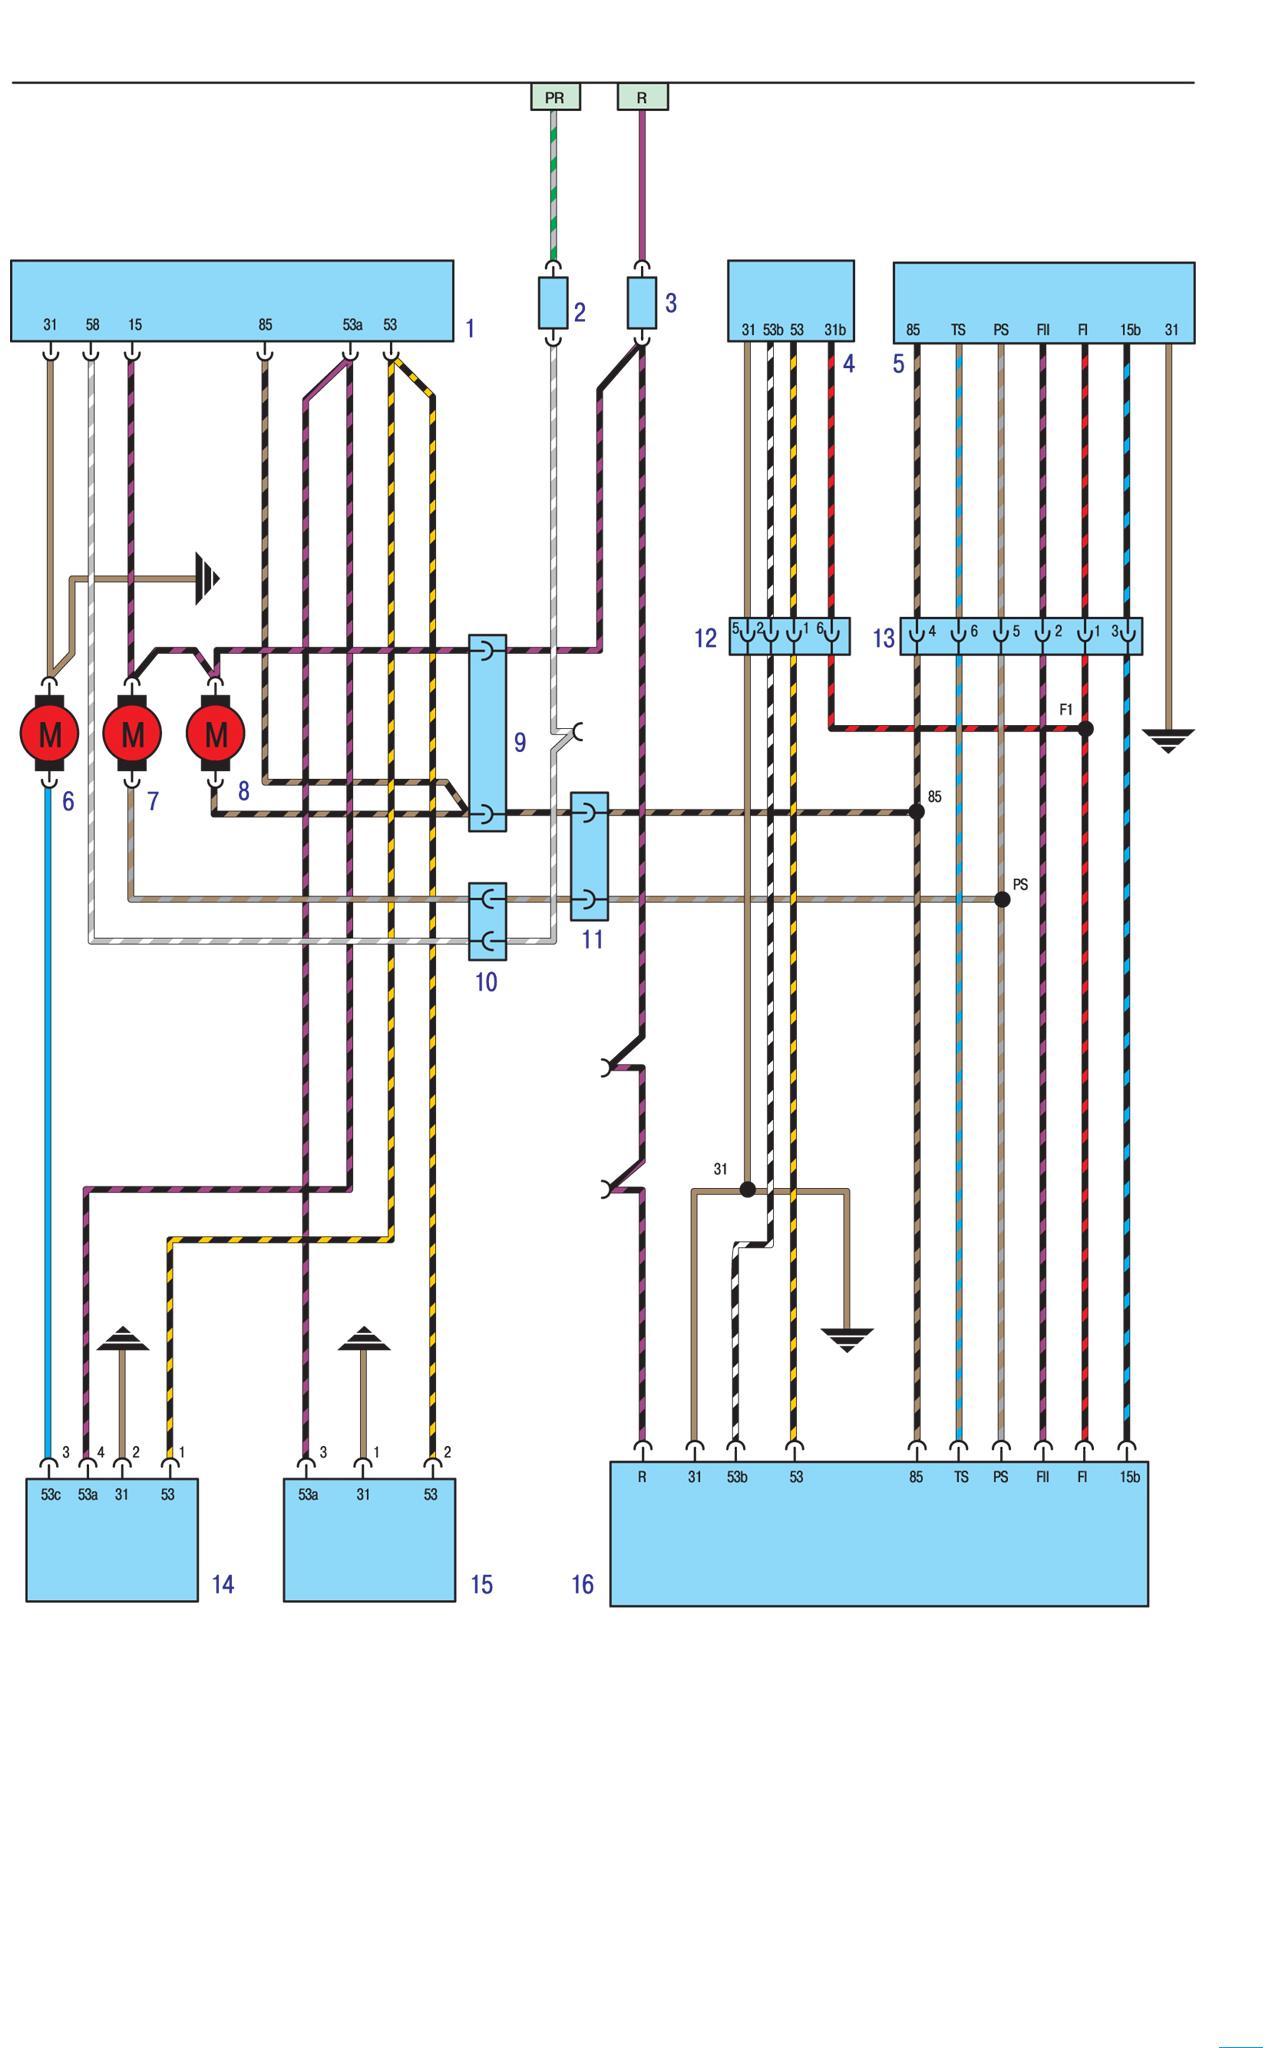 Схема проводки БМВ Е30 - Омыватели фар